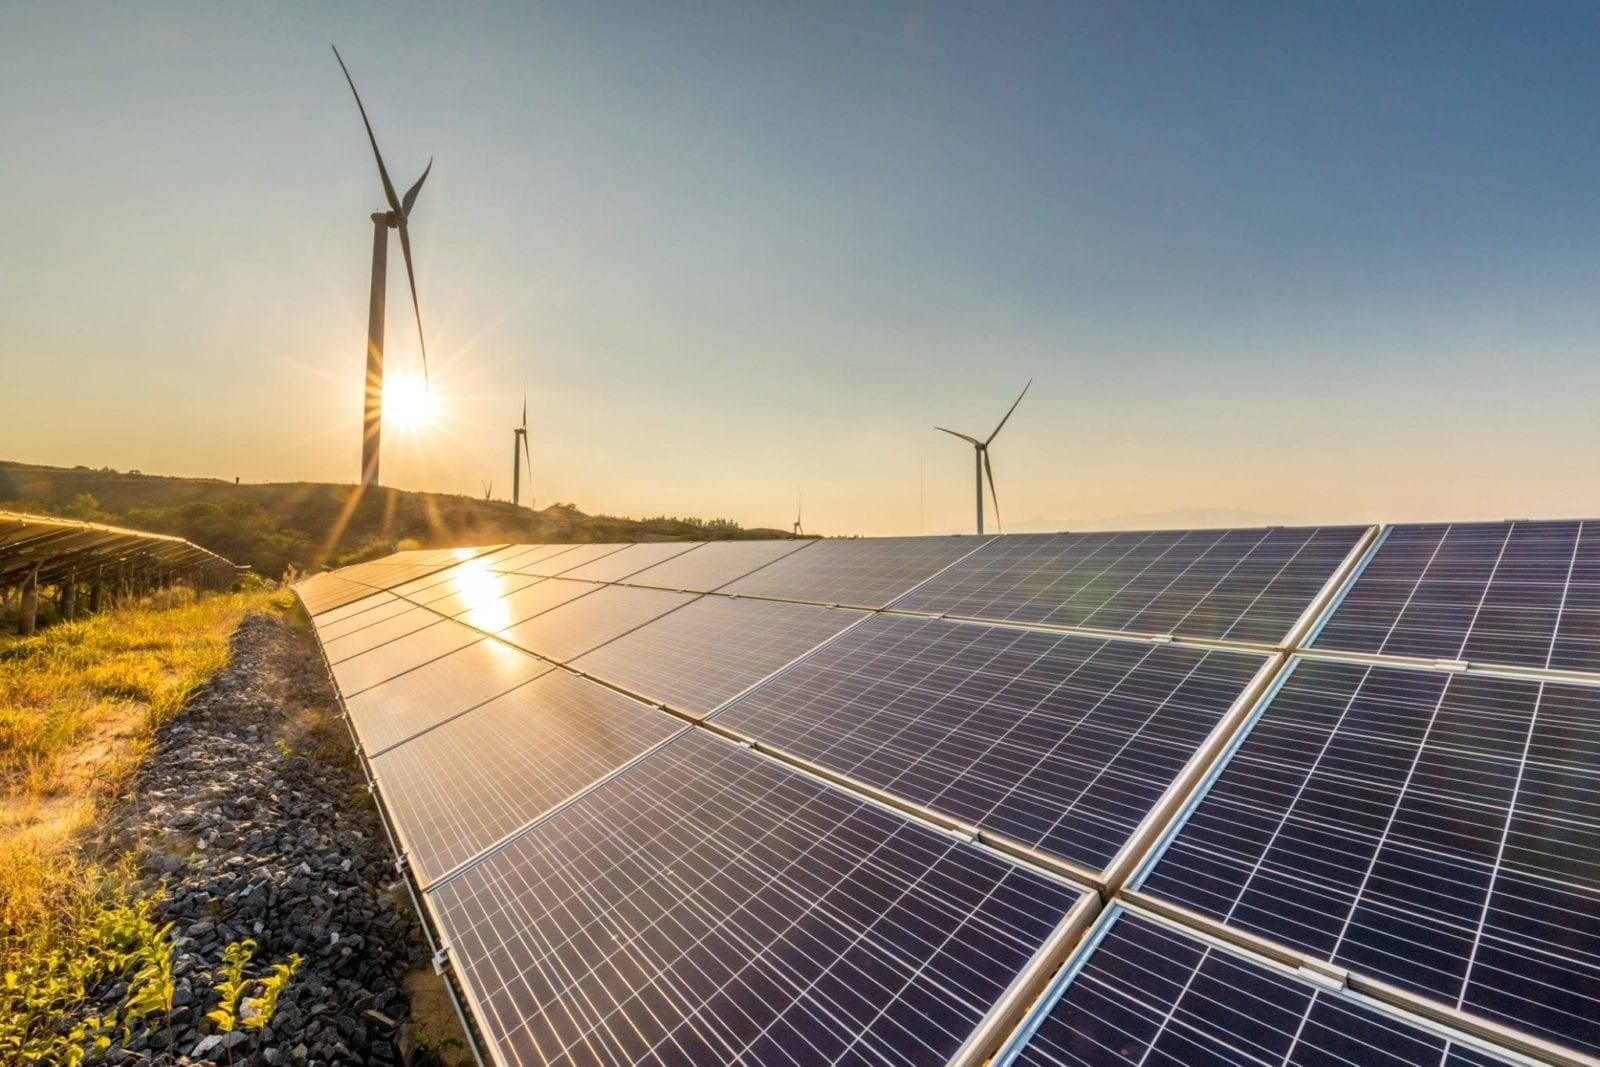 Оборудование для «экологичного» производства энергии в США: «покупать американское» или «покупать быстро и дешево»?